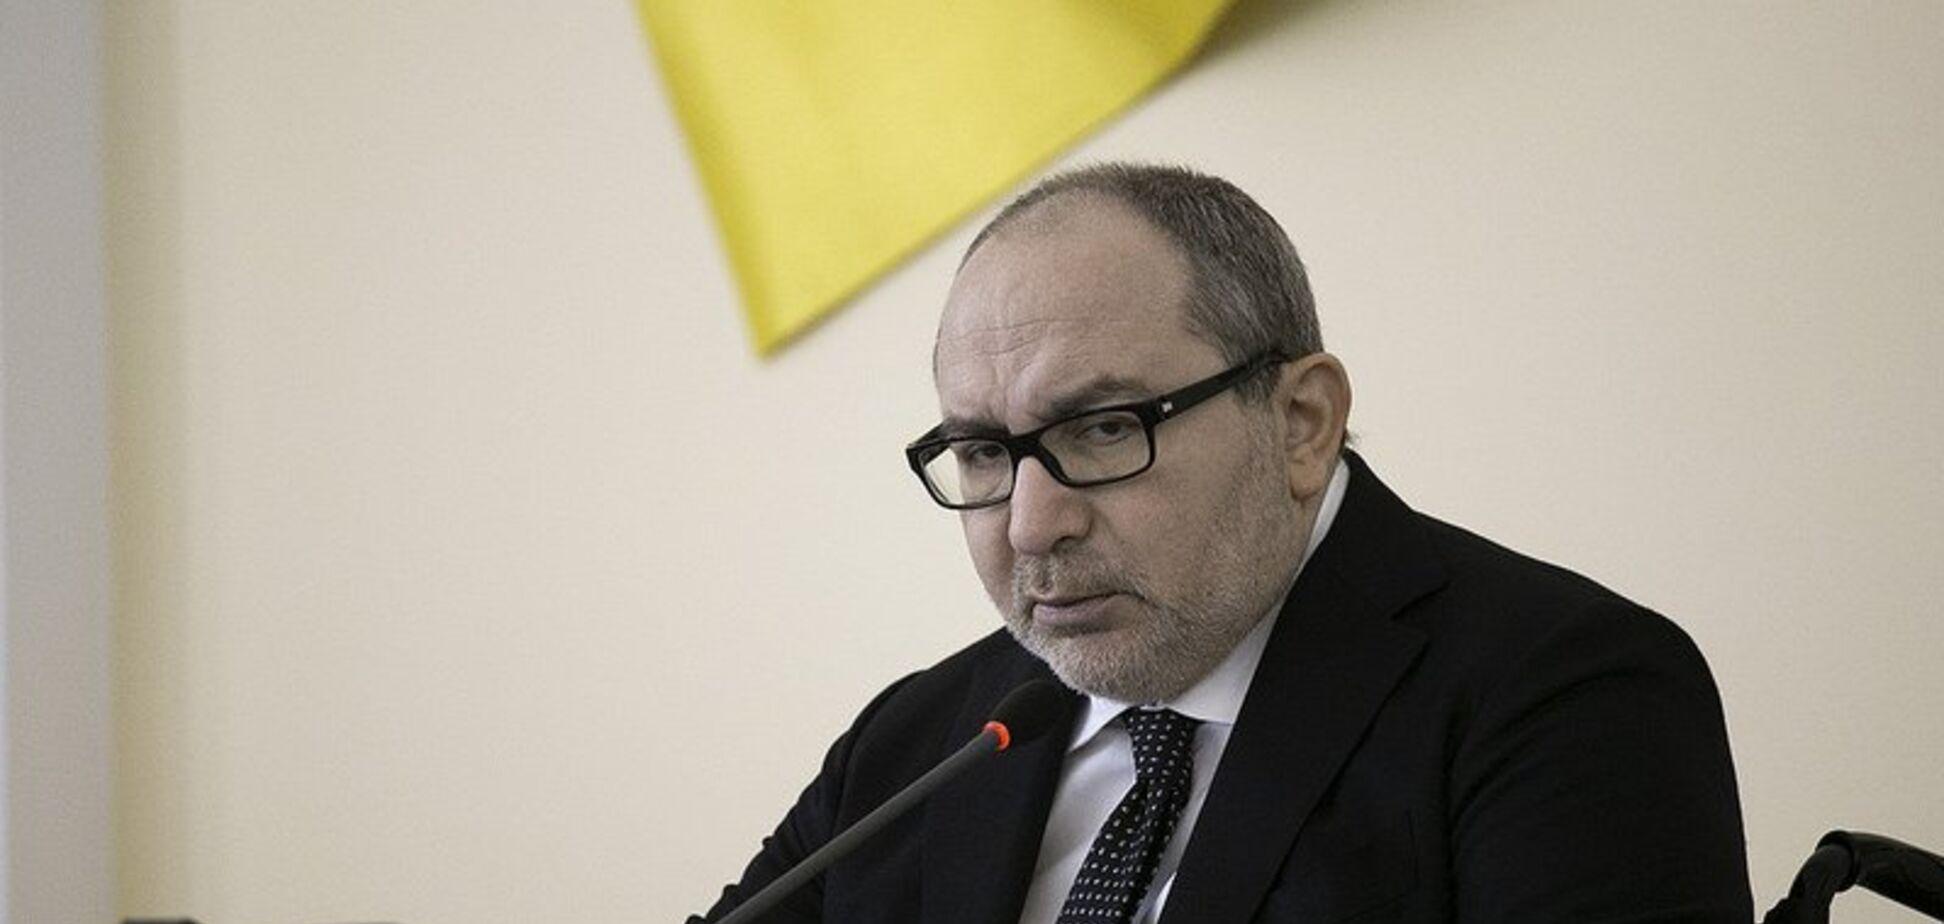 Кернесу пригрозили в'язницею через маршала Жукова: скандал отримав продовження